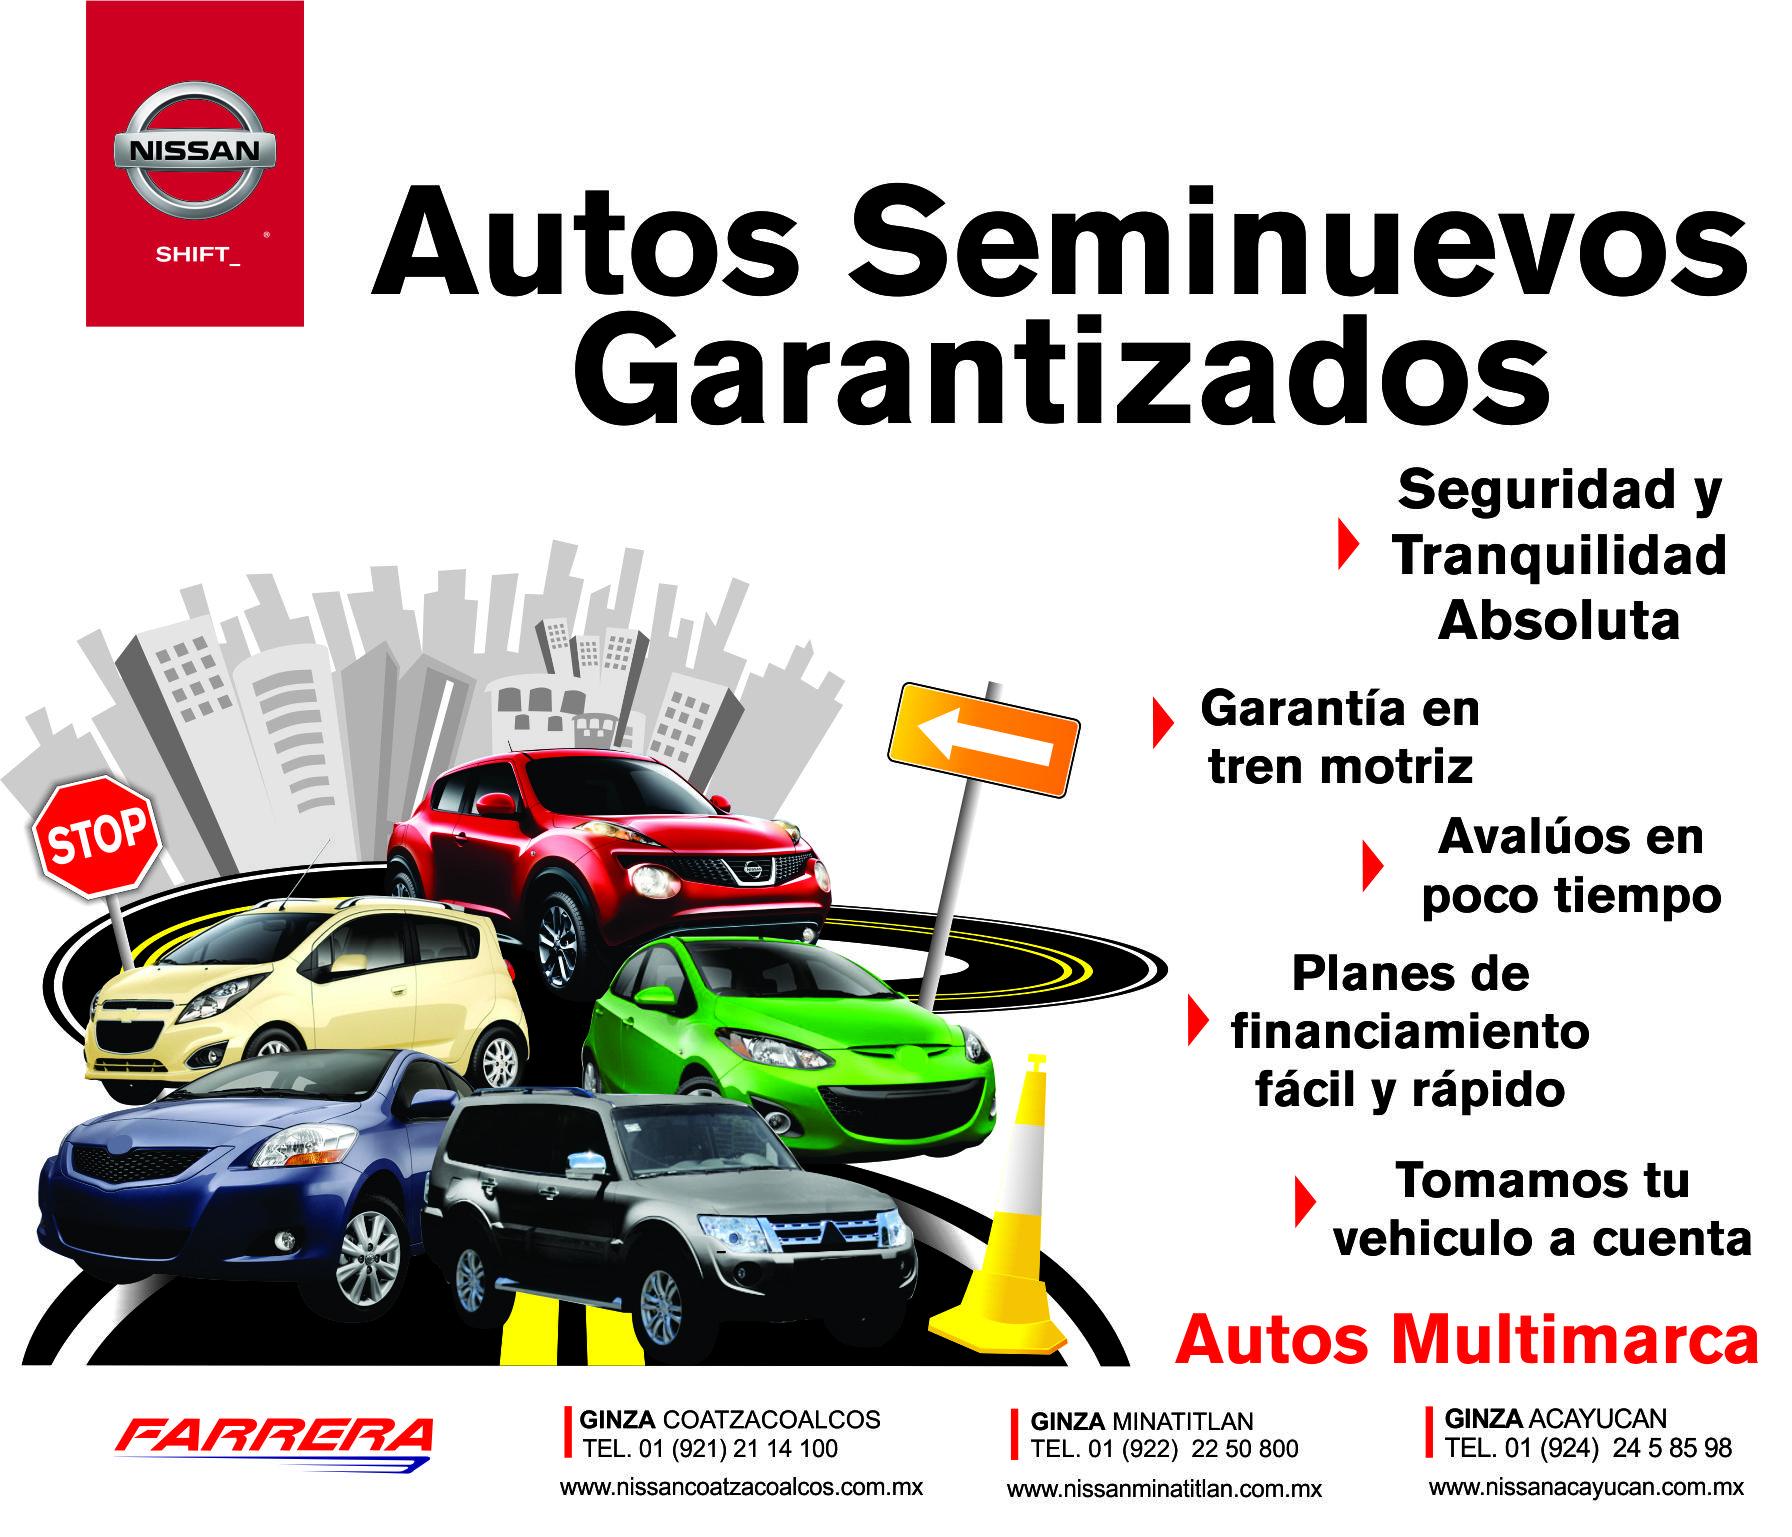 Autos Seminuevos Garantizados Nissan Ginza Coatzacoalcos